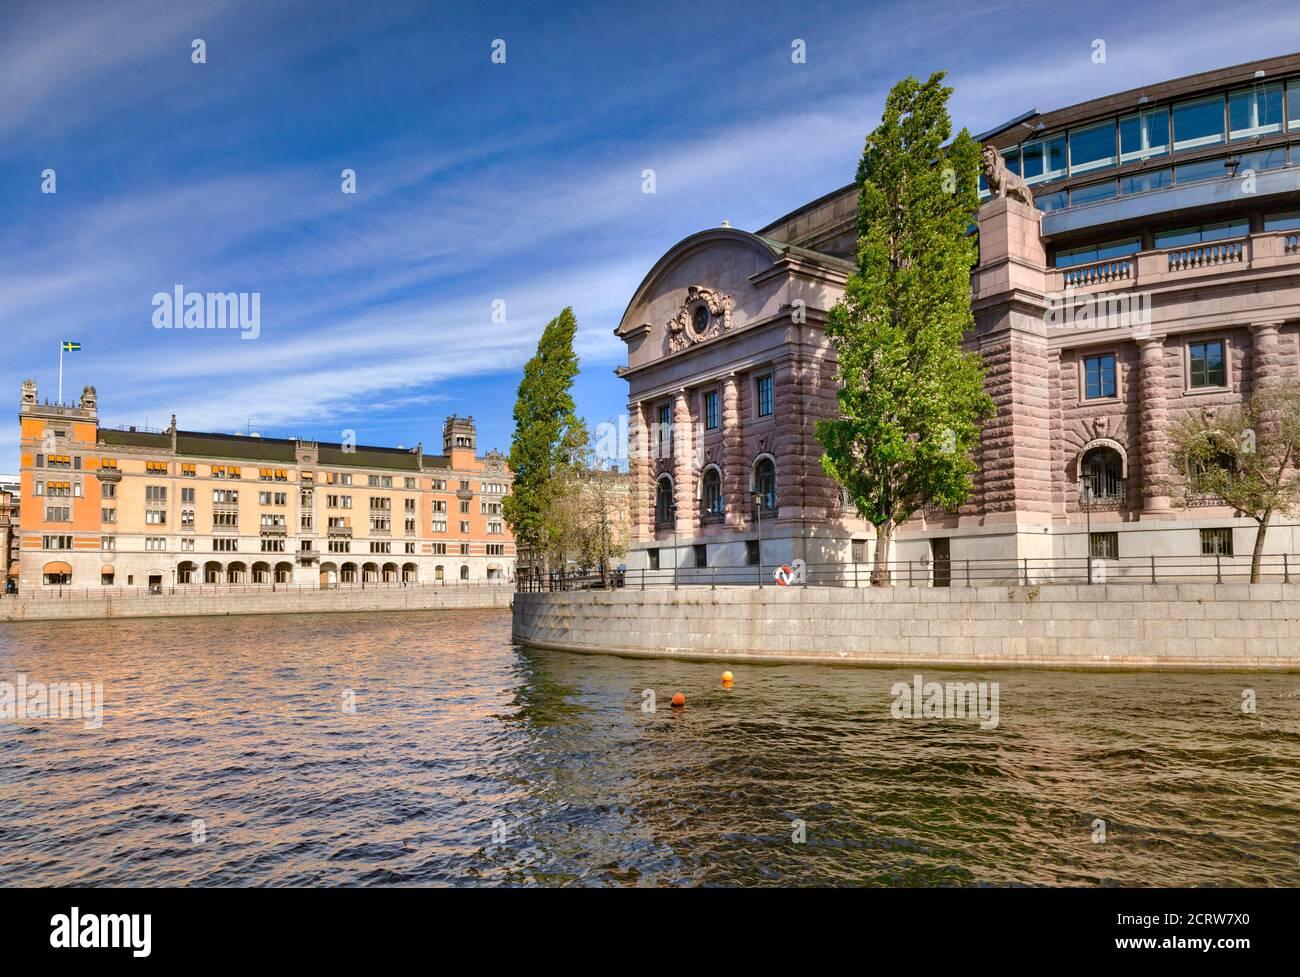 16 de septiembre de 2018: Estocolmo, Suecia - Casa del Parlamento junto a la vía fluvial Lilla Vartan en un soleado día de otoño, con vistas al agua. Foto de stock